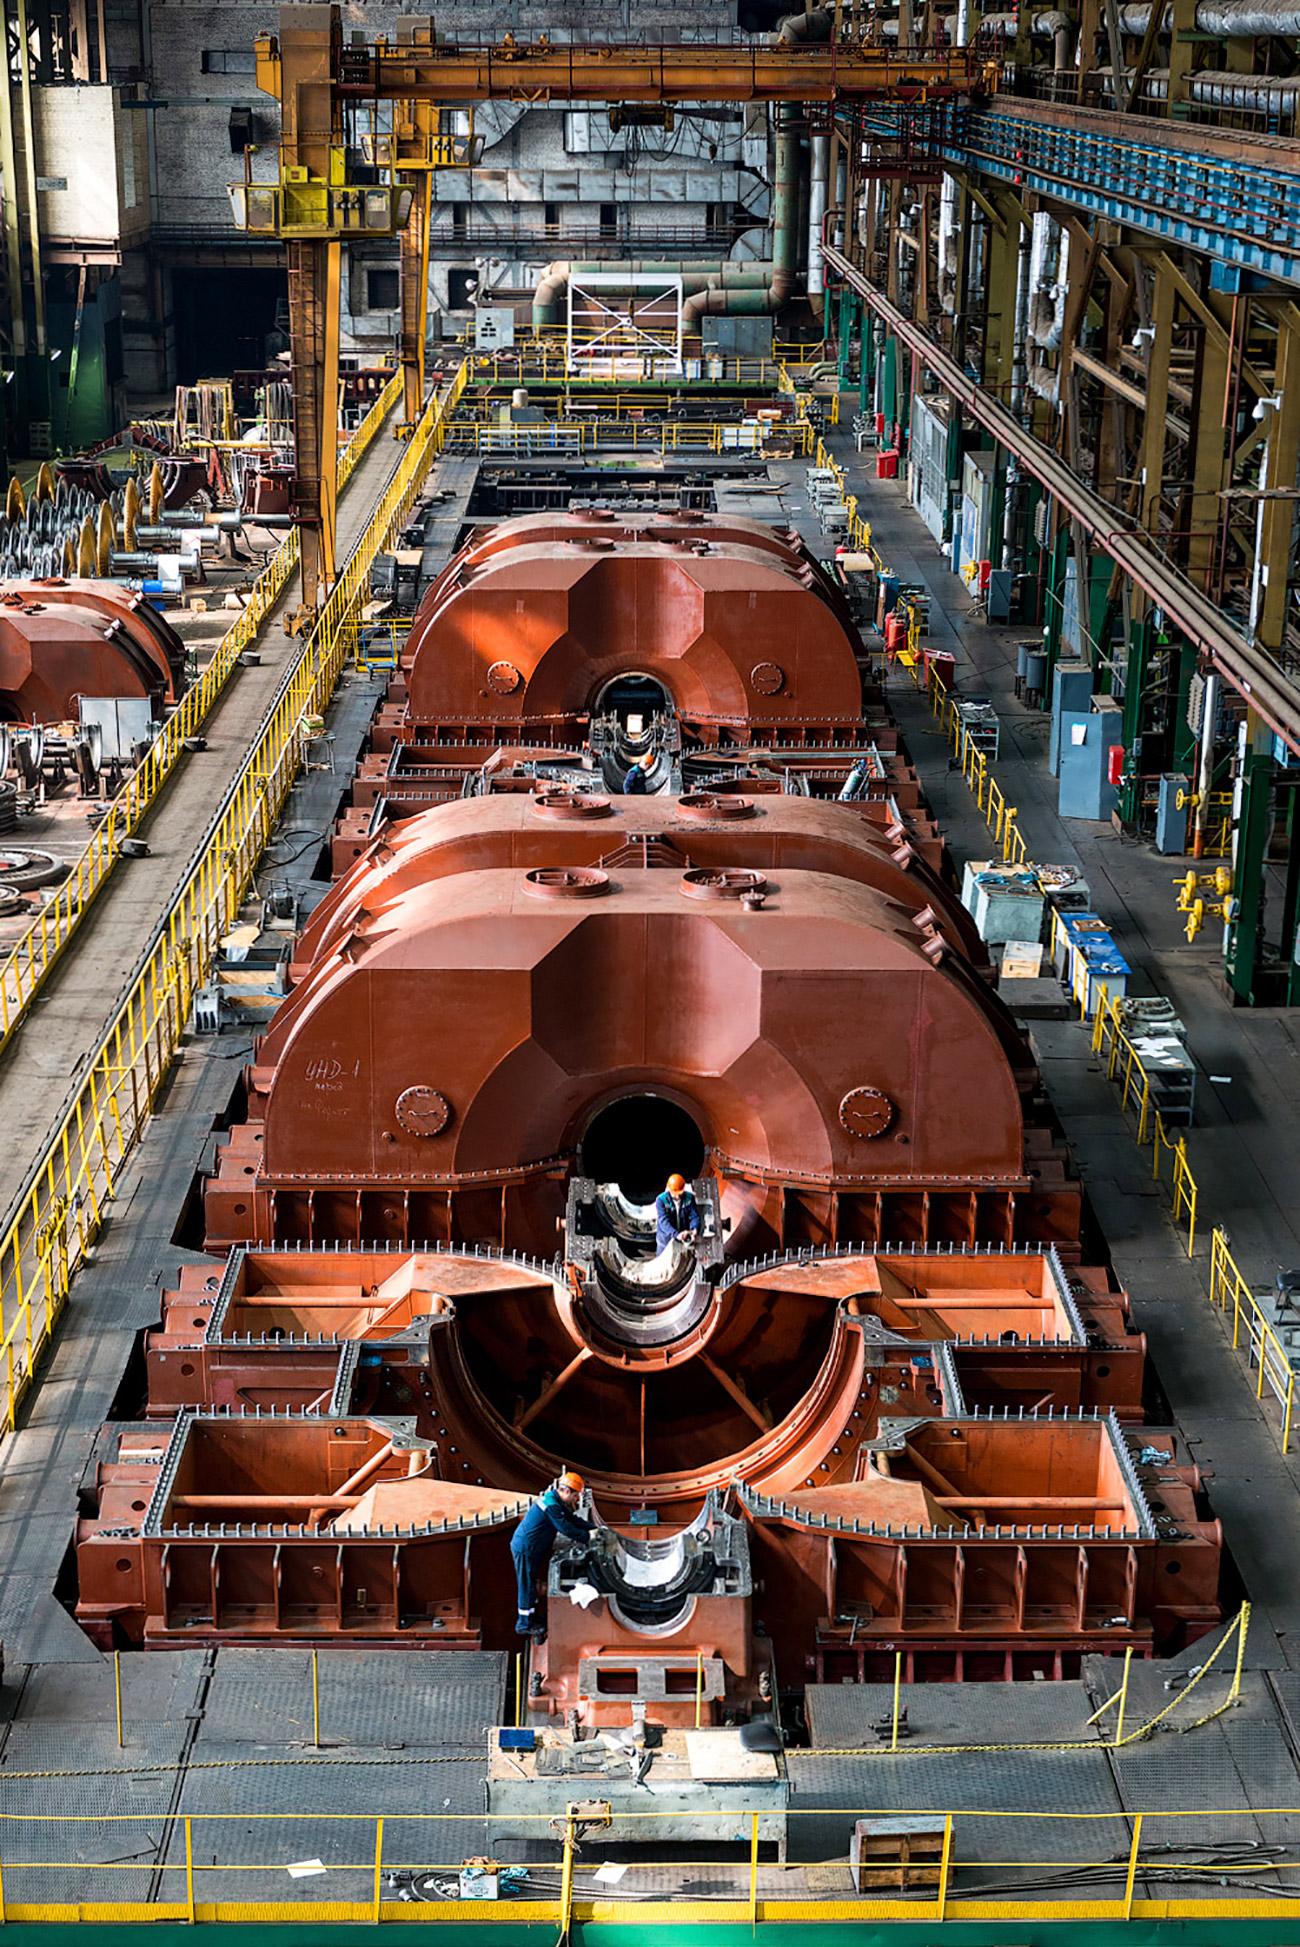 Après la dissolution de l'Union soviétique, l'usine fut rattachée à la plus grande société de l'industrie des centrales électriques de Russie, Silovye Machiny (« machines électriques »). Mais le superlatif « la plus grande » ne lui suffisait pas. La société décida d'investir du temps et de l'argent dans la R&D pour concevoir et créer des produits de grande qualité.